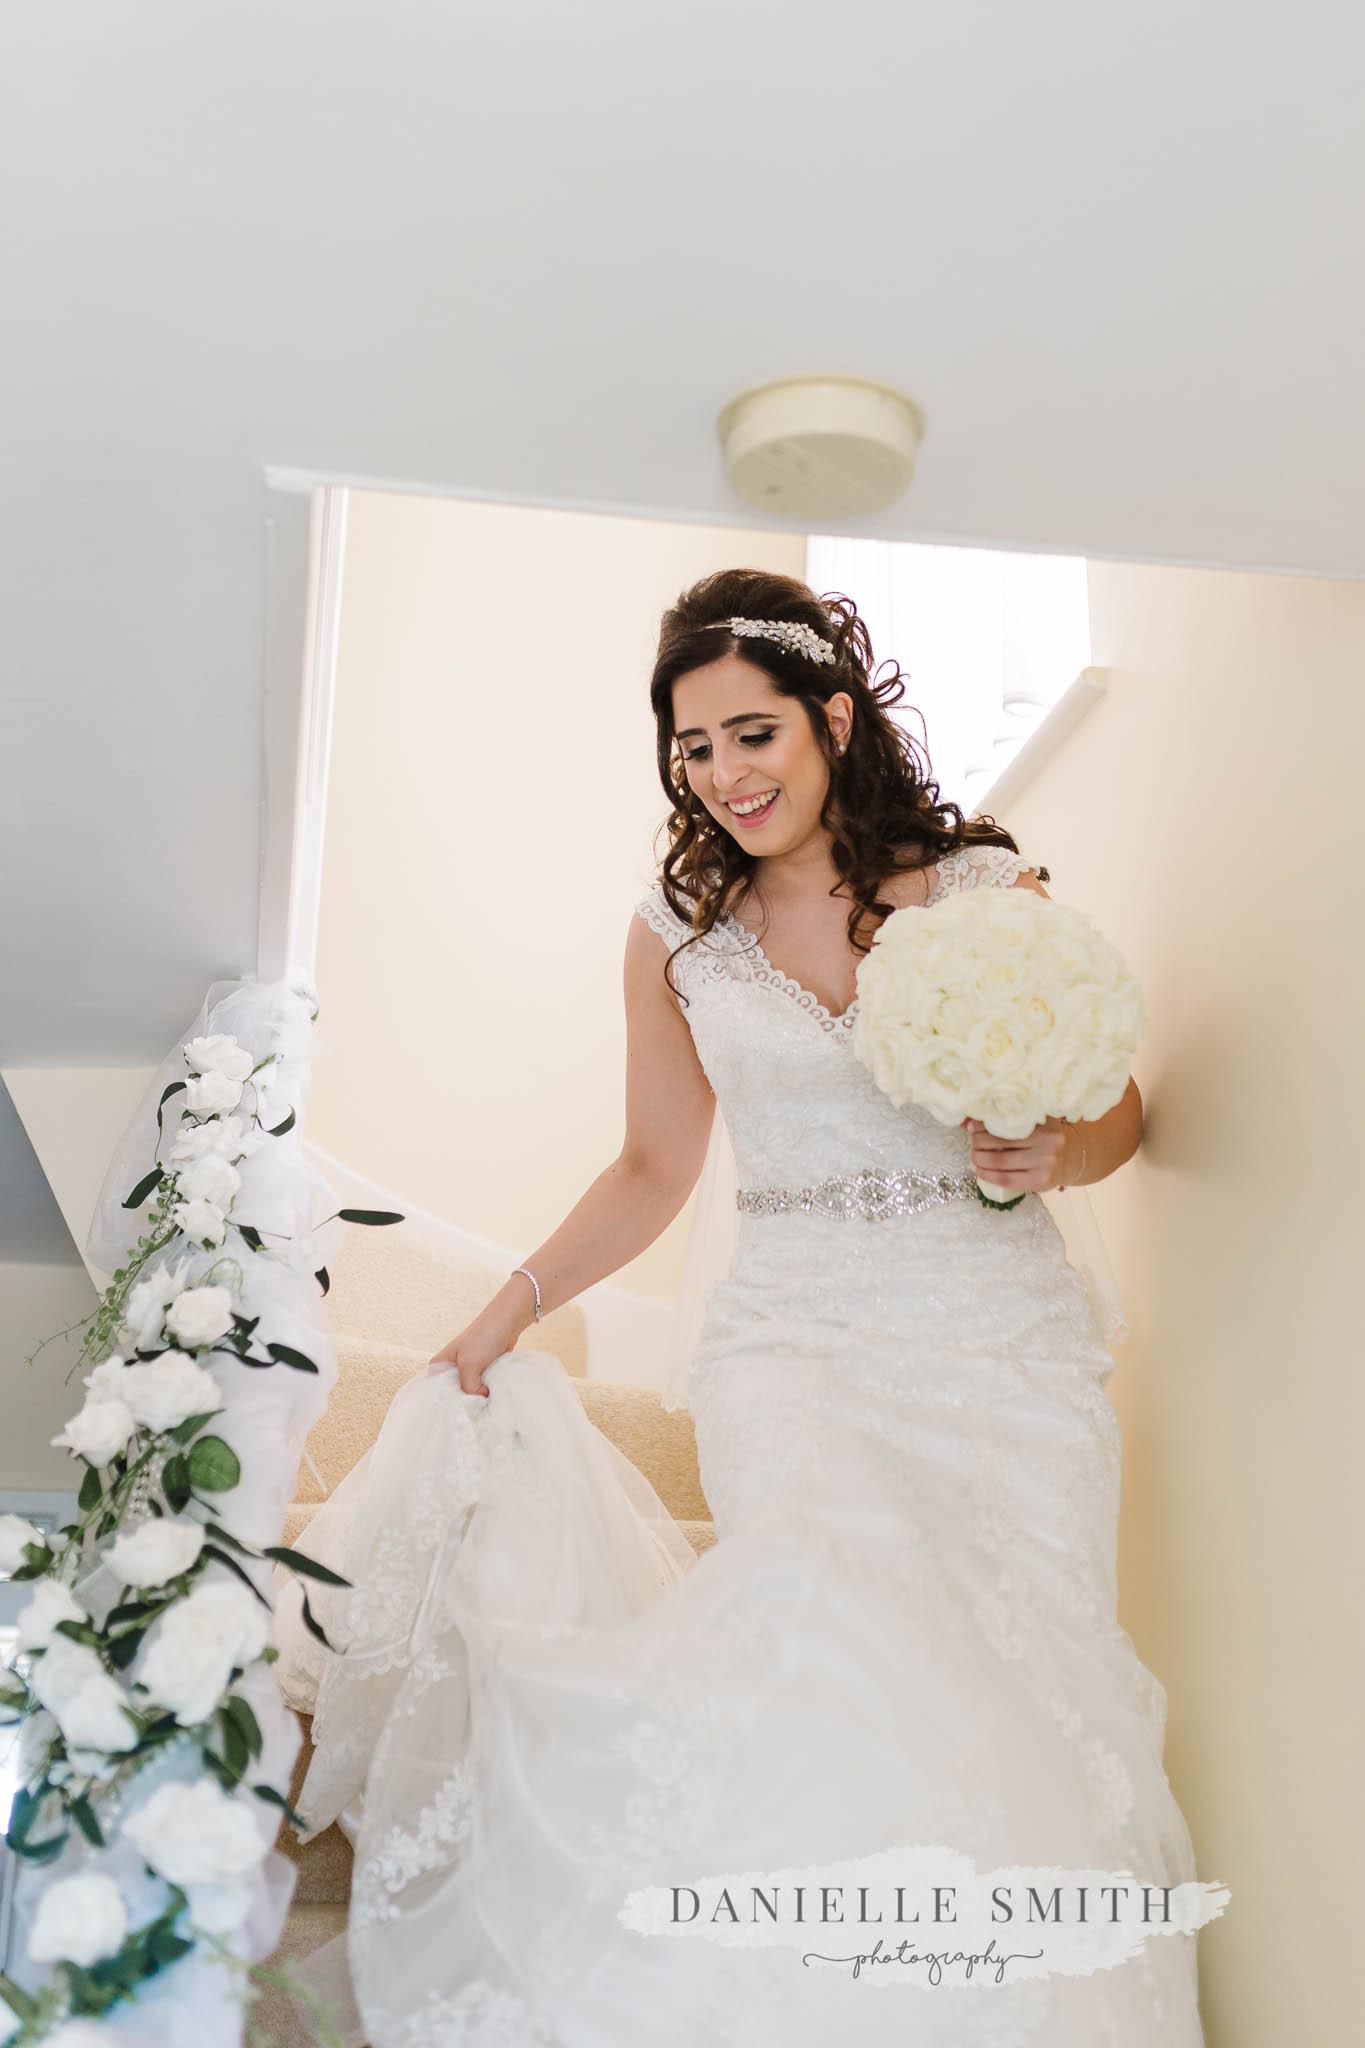 bride walking down stairs in dress